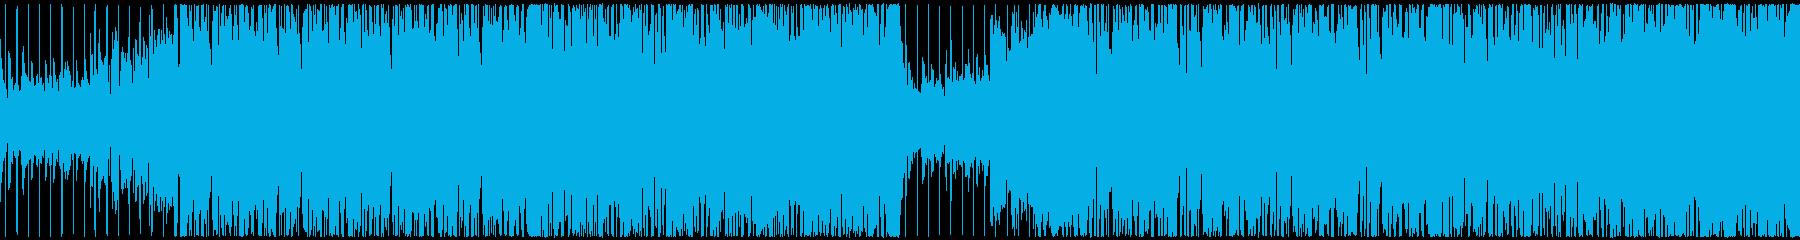 【メロなし・ループ】フューチャーベースの再生済みの波形